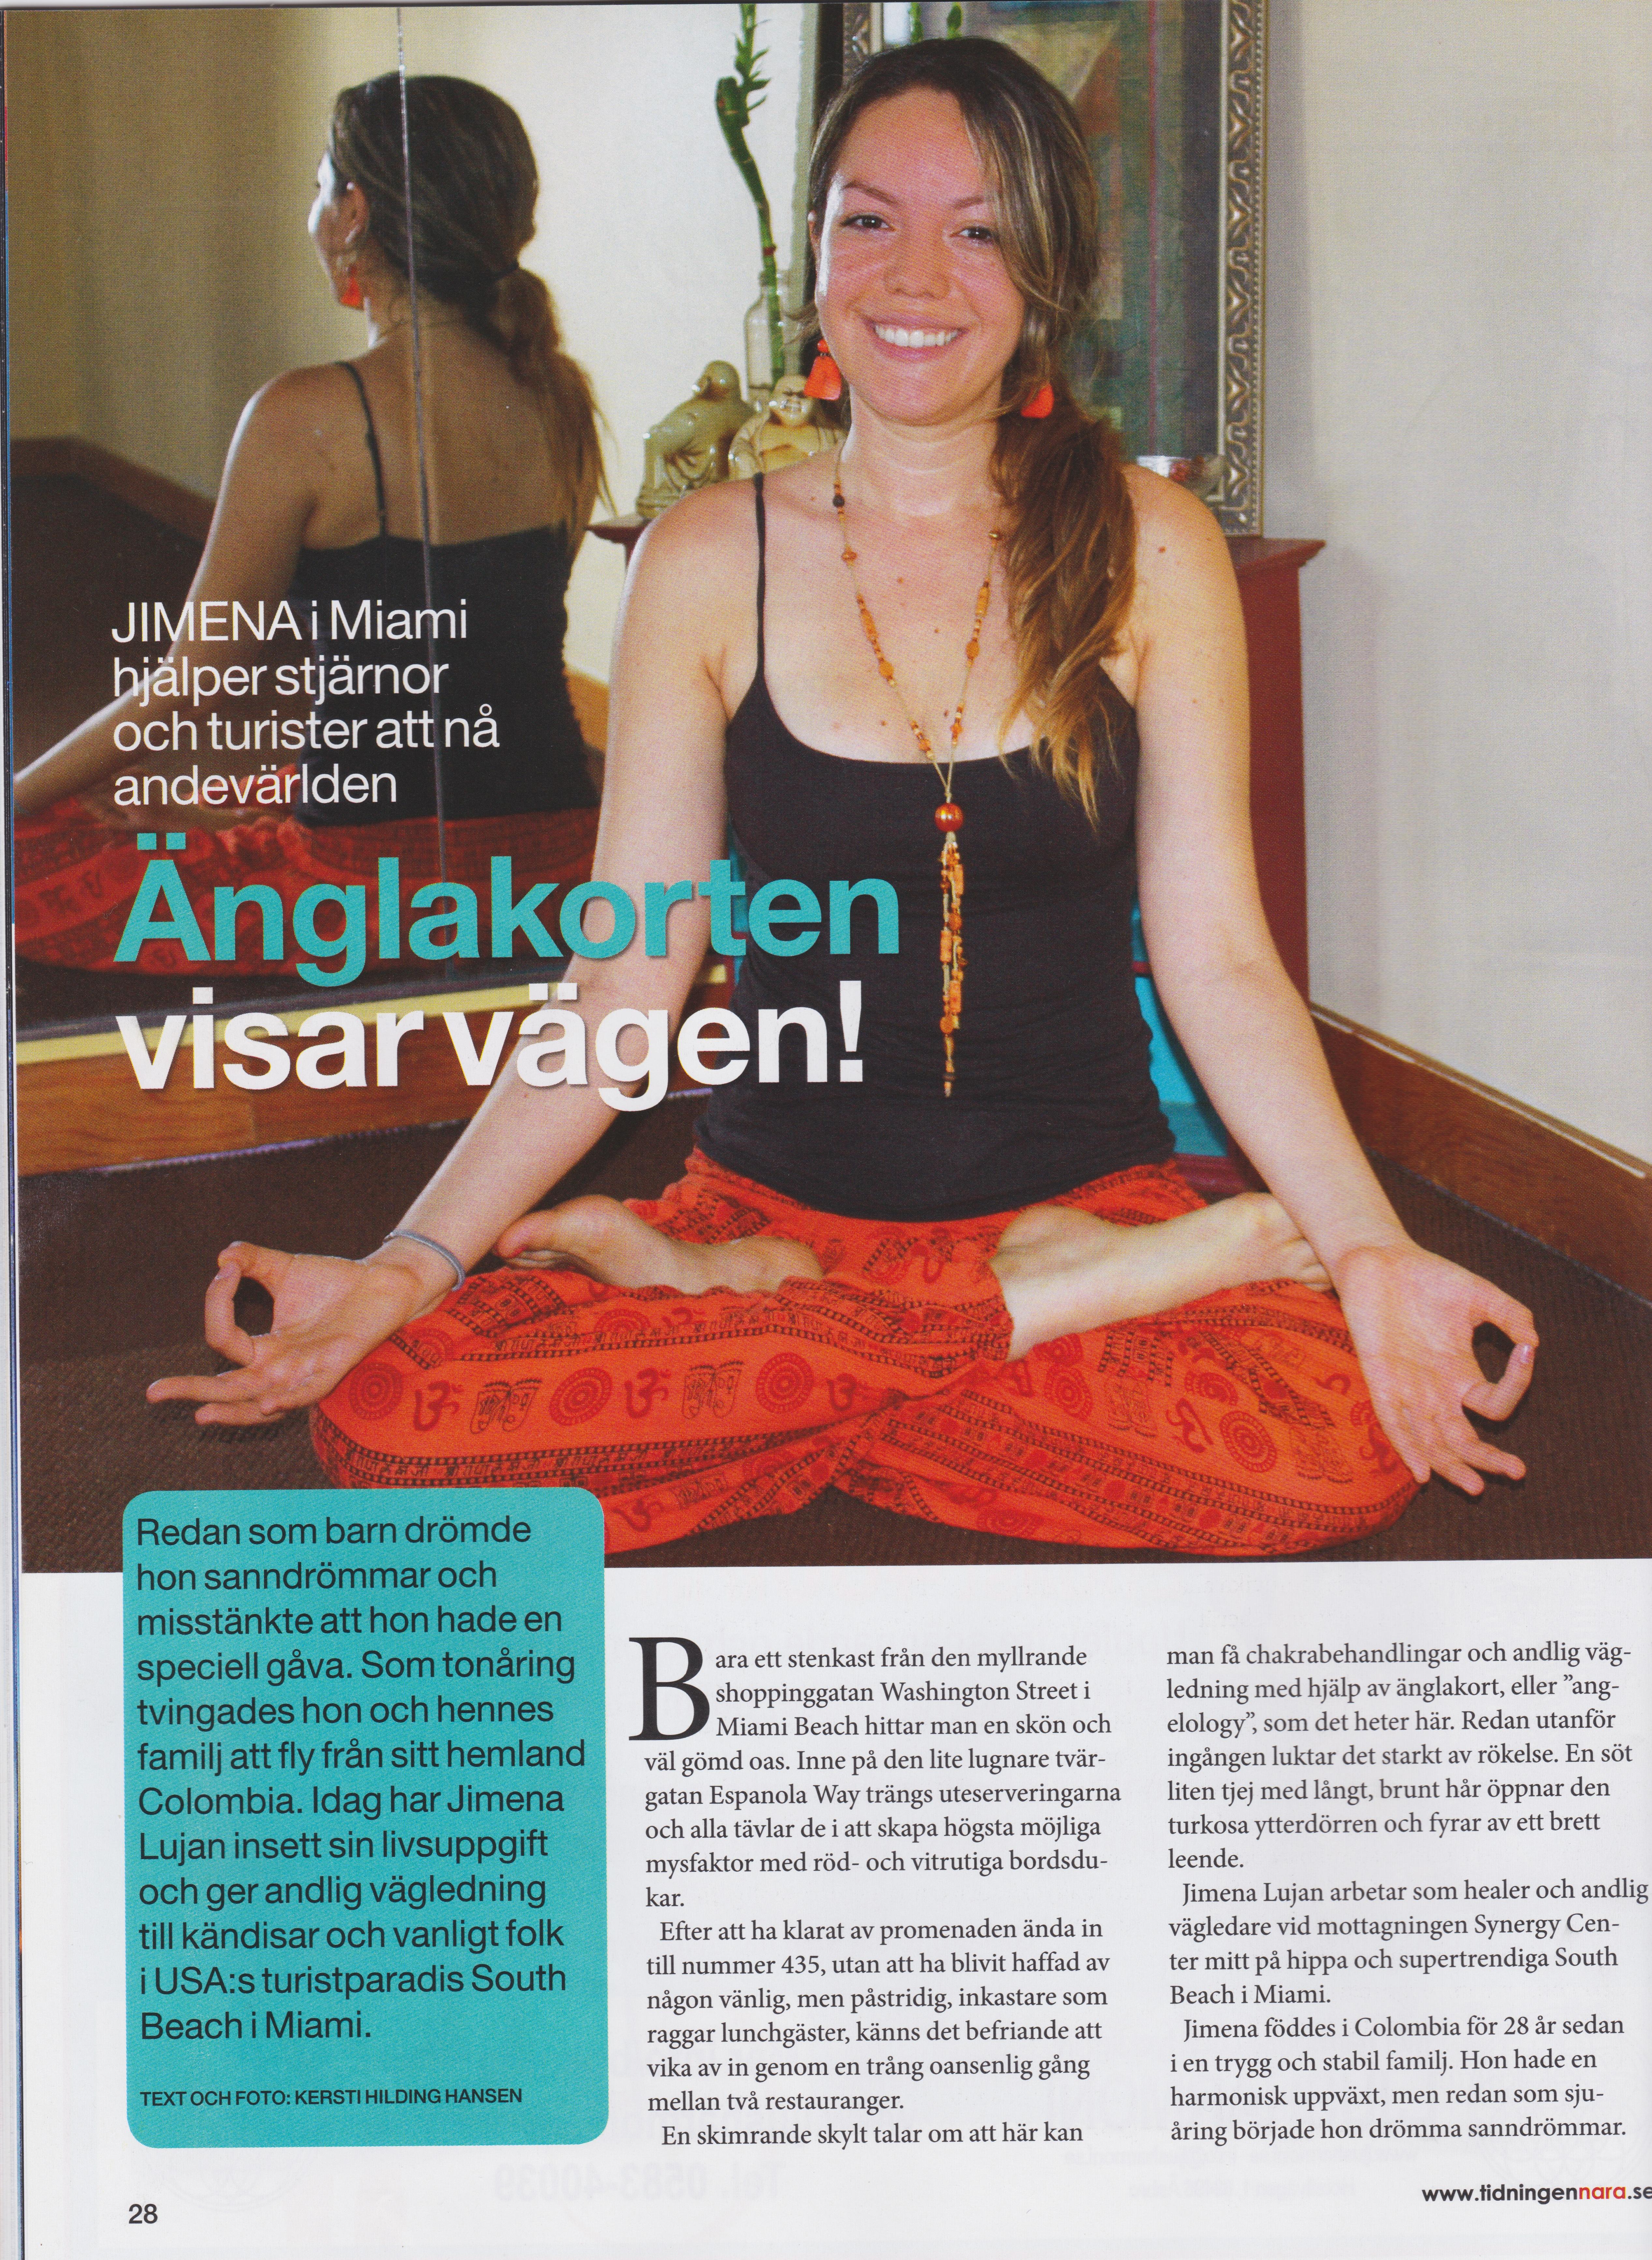 Interview with Närä Magazine